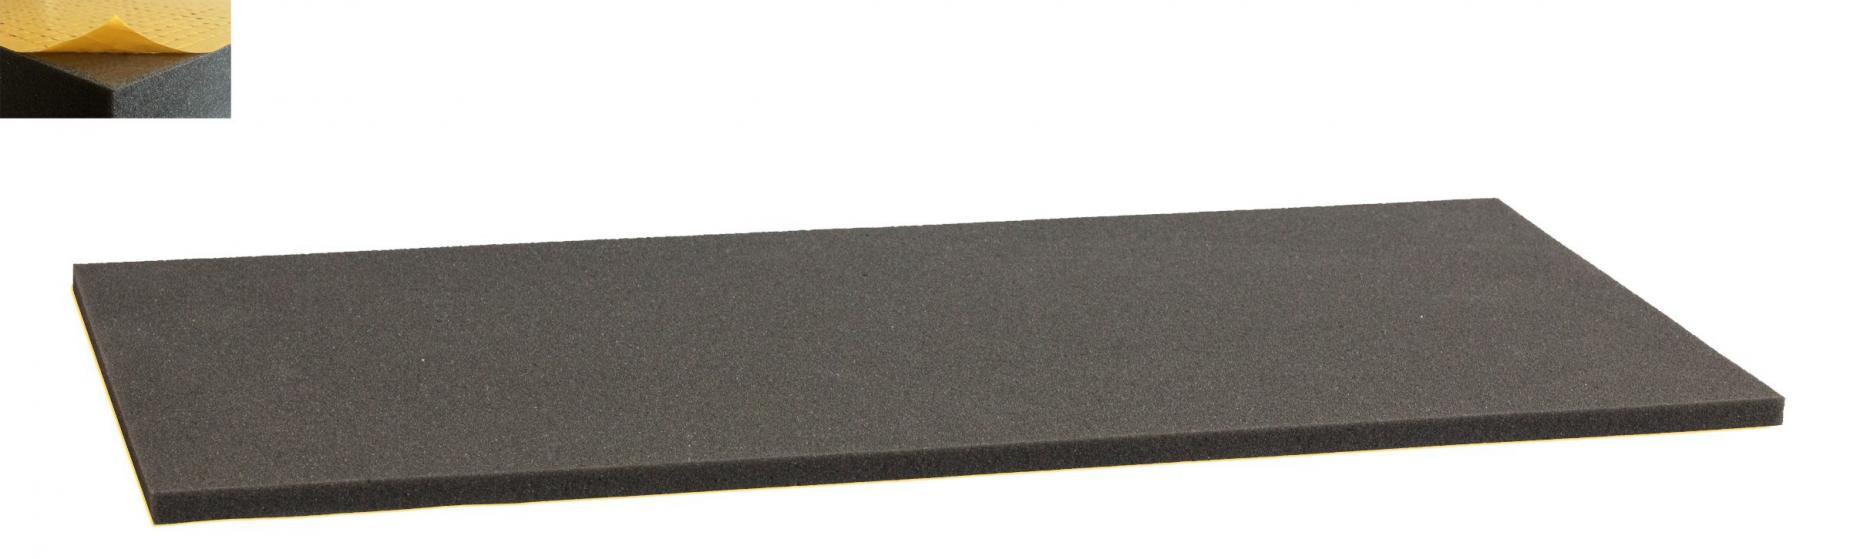 1000 mm x 500 mm x 3 mm Foam Cutting - self-adhesive